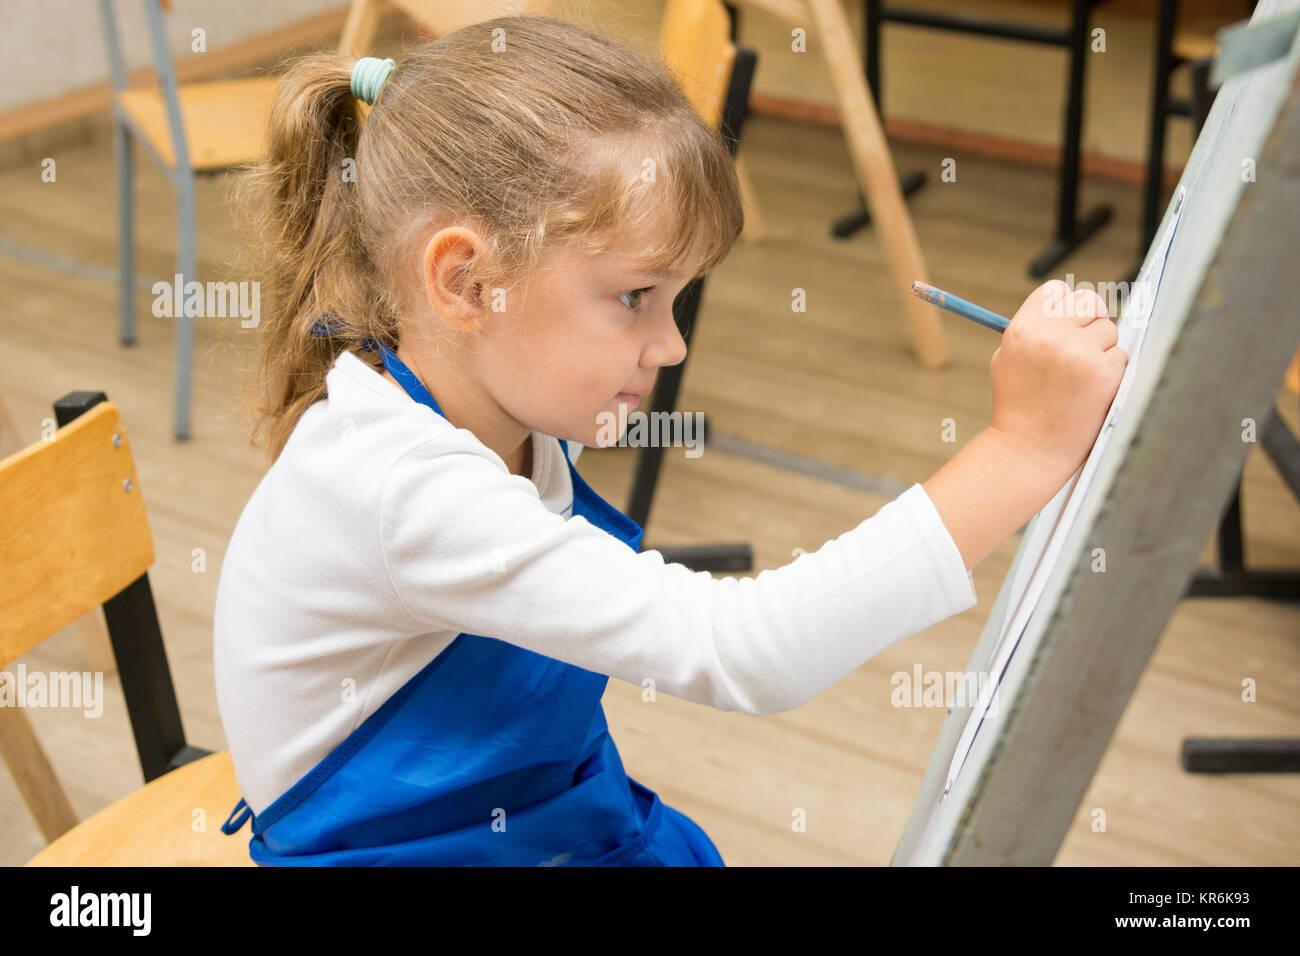 Fille de cinq ans peint sur un chevalet dans le cours de dessin Photo Stock